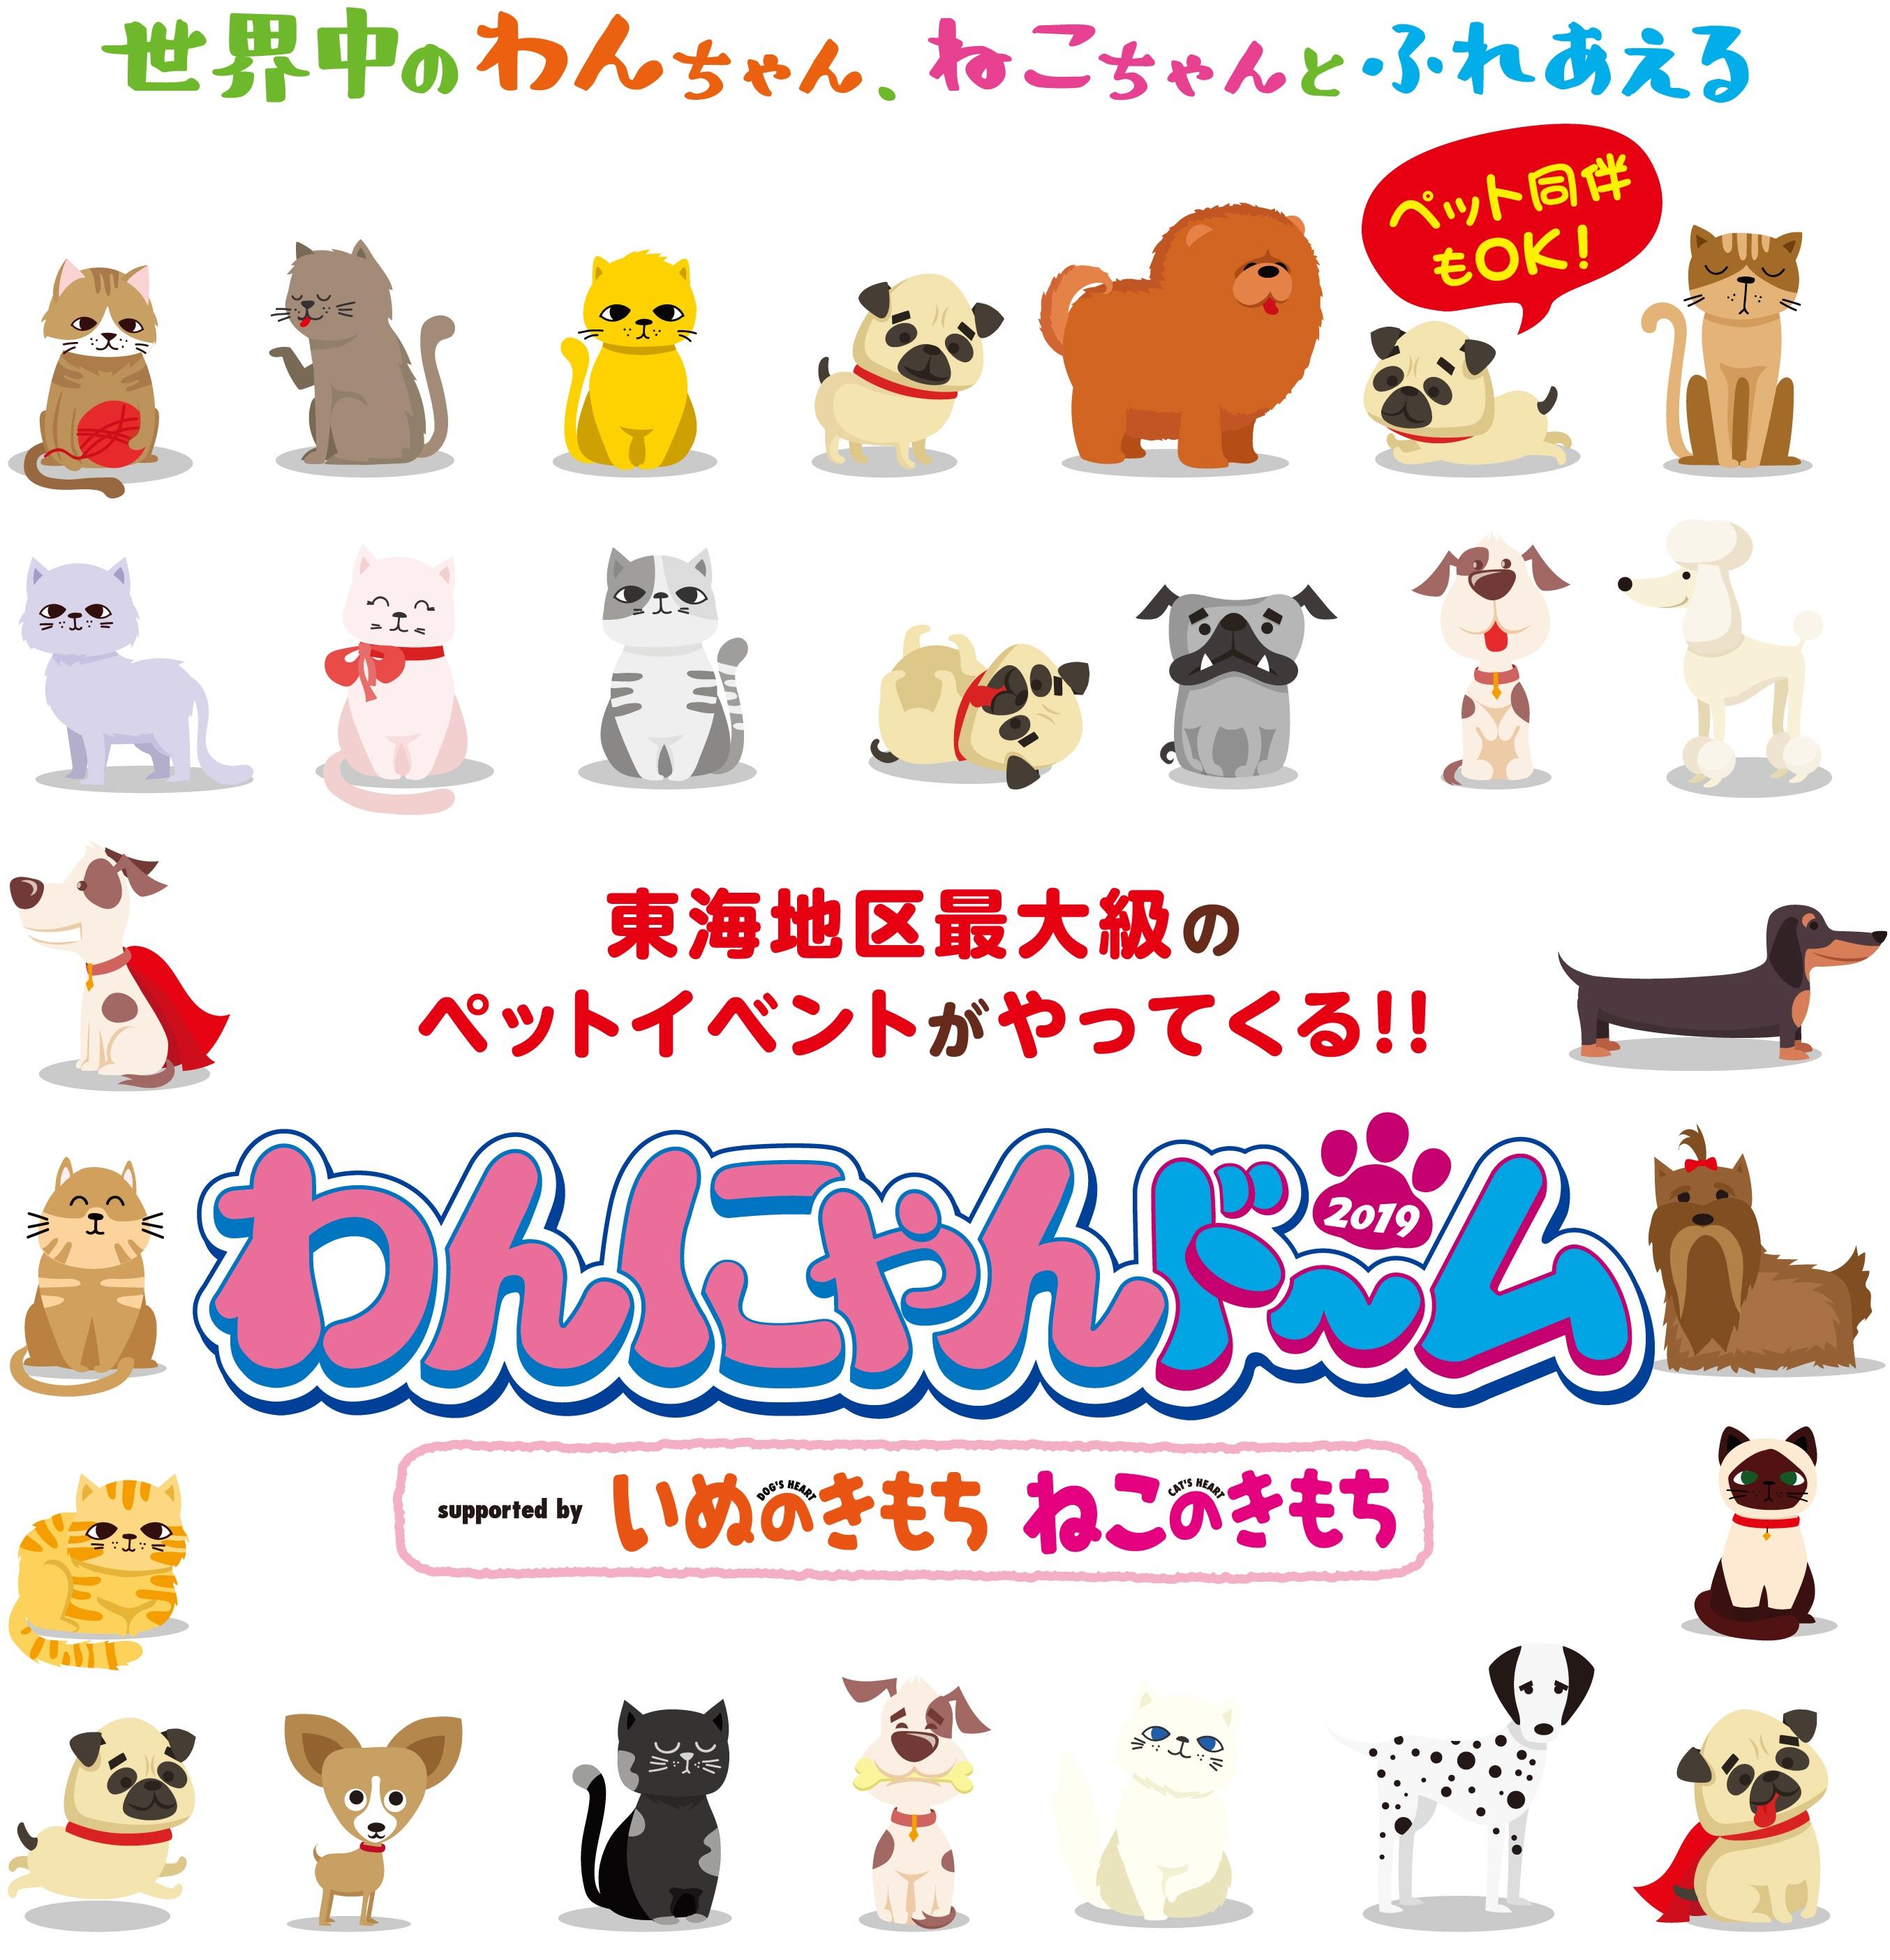 愛犬とともにに行こう!! 東海地区最大級のペットイベントが首都圏初進出! 8月24日(土)・25日(日)さいたまスーパーアリーナで開催!